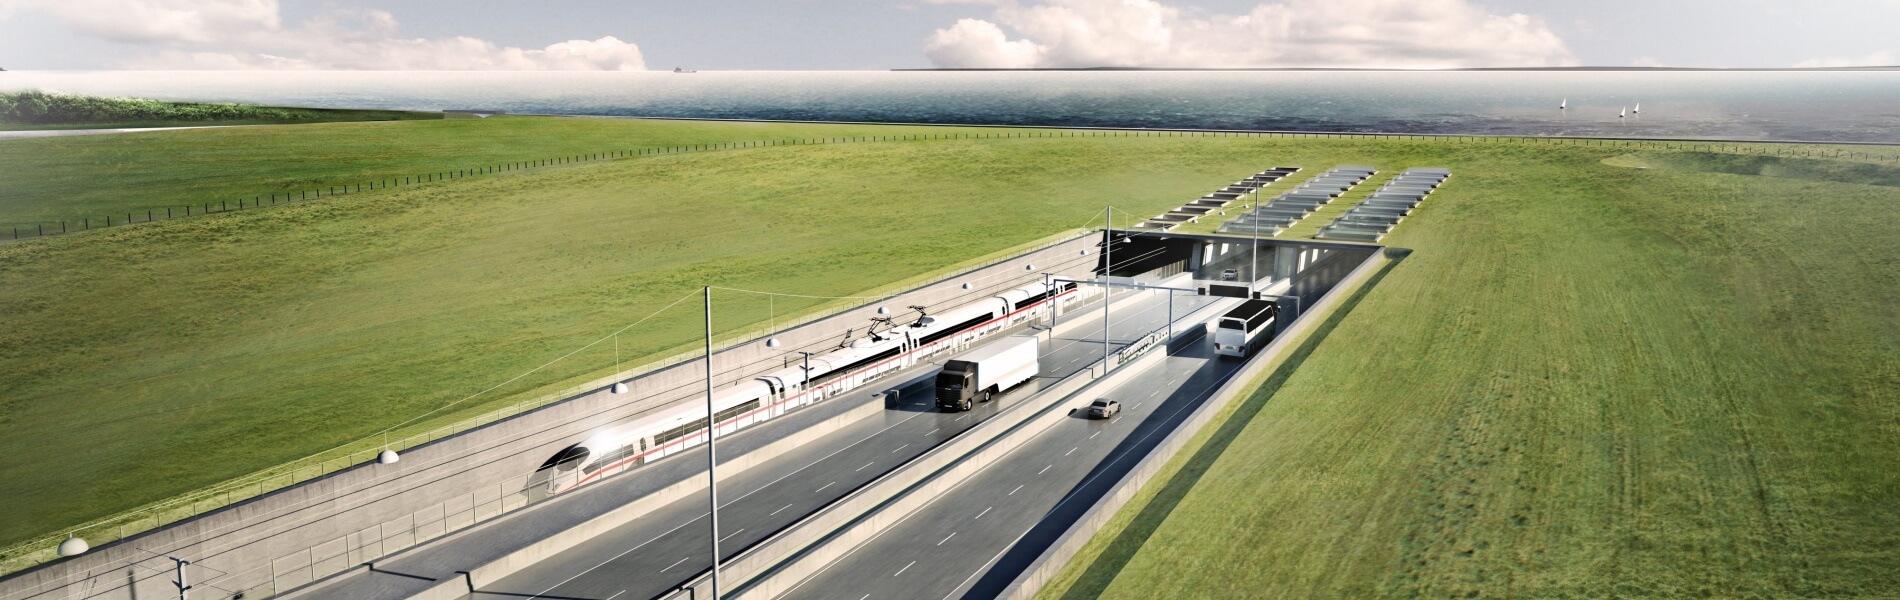 Fehmarnbelttunnel: Dänemark legt los